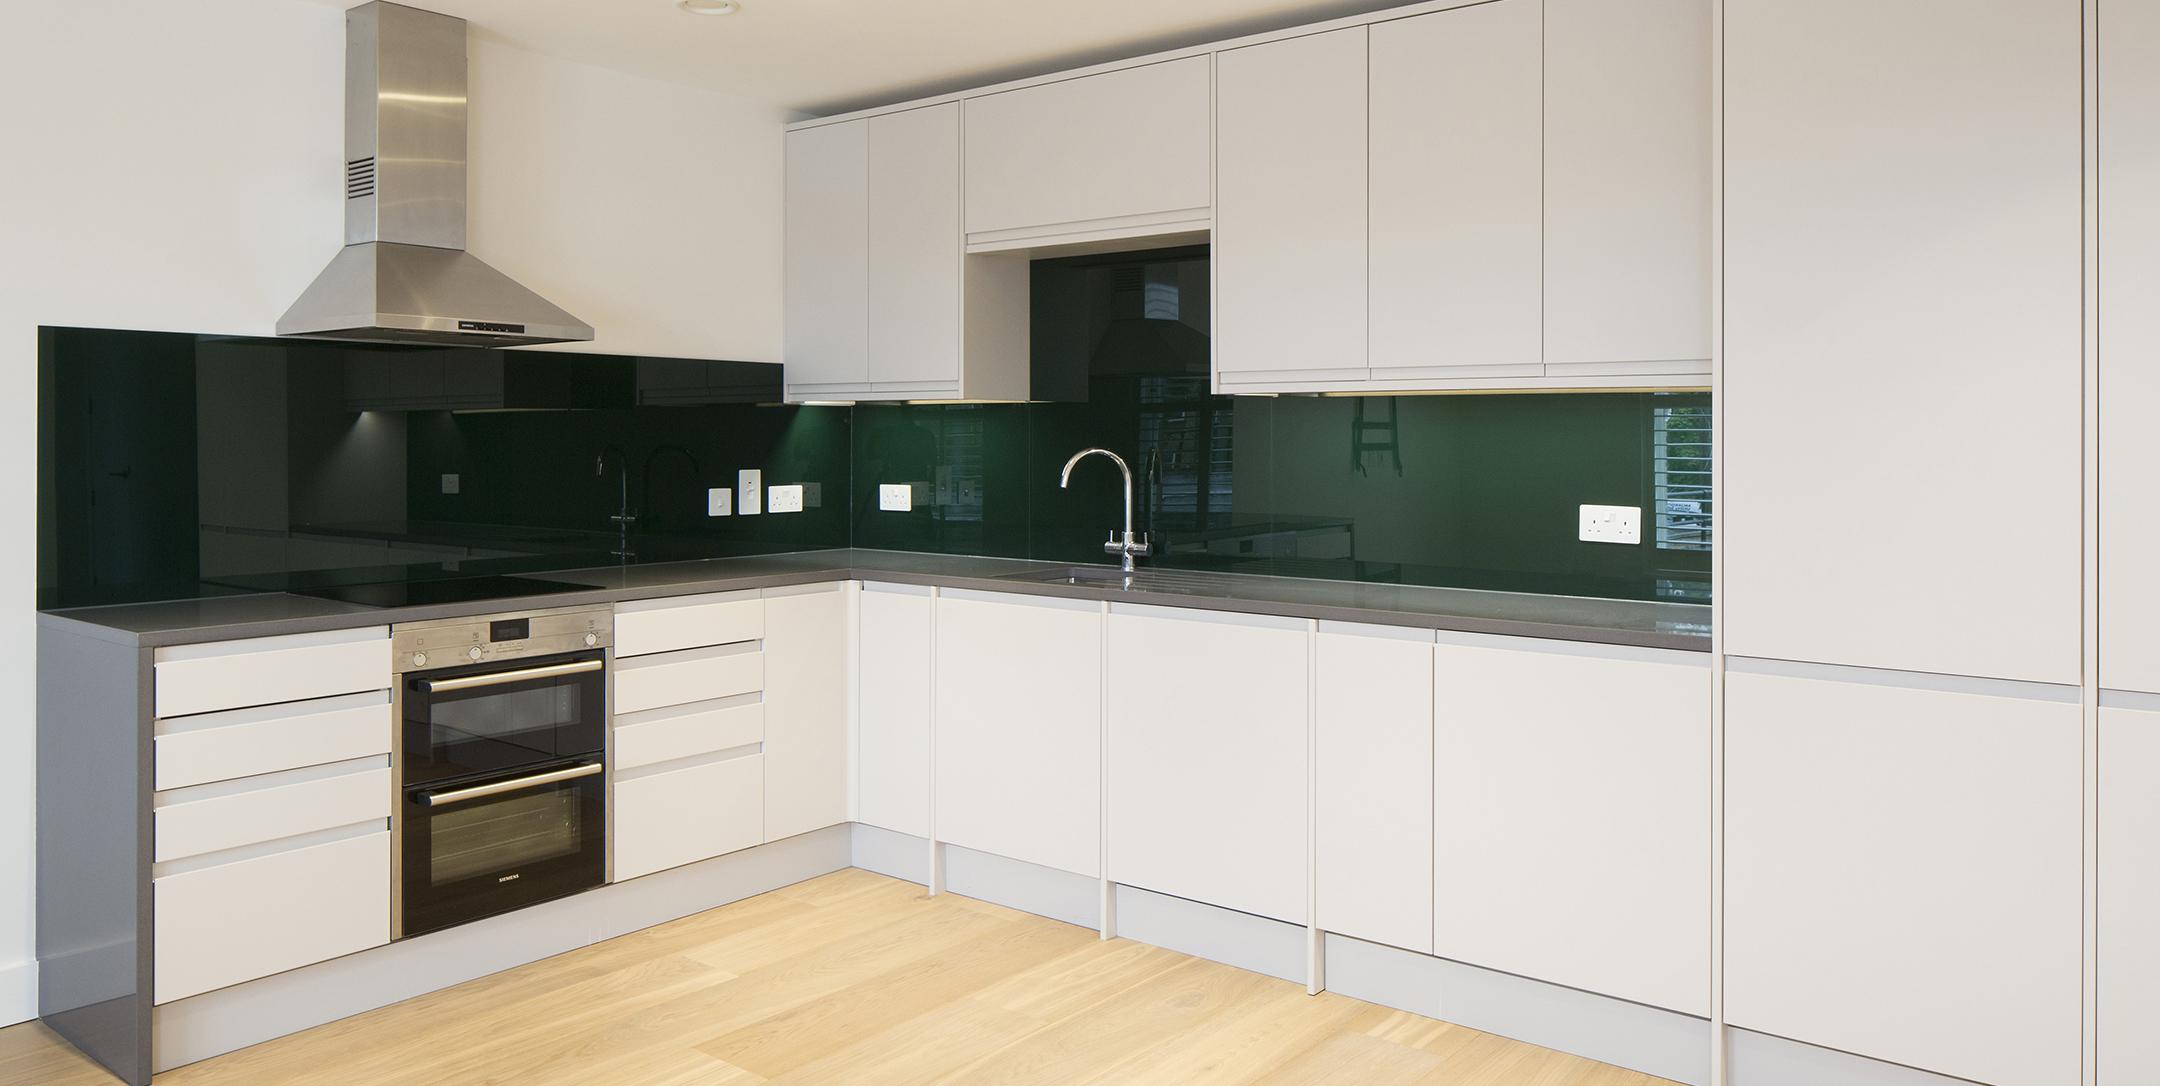 Home Refurbishments Mayfair - Ashville Inc